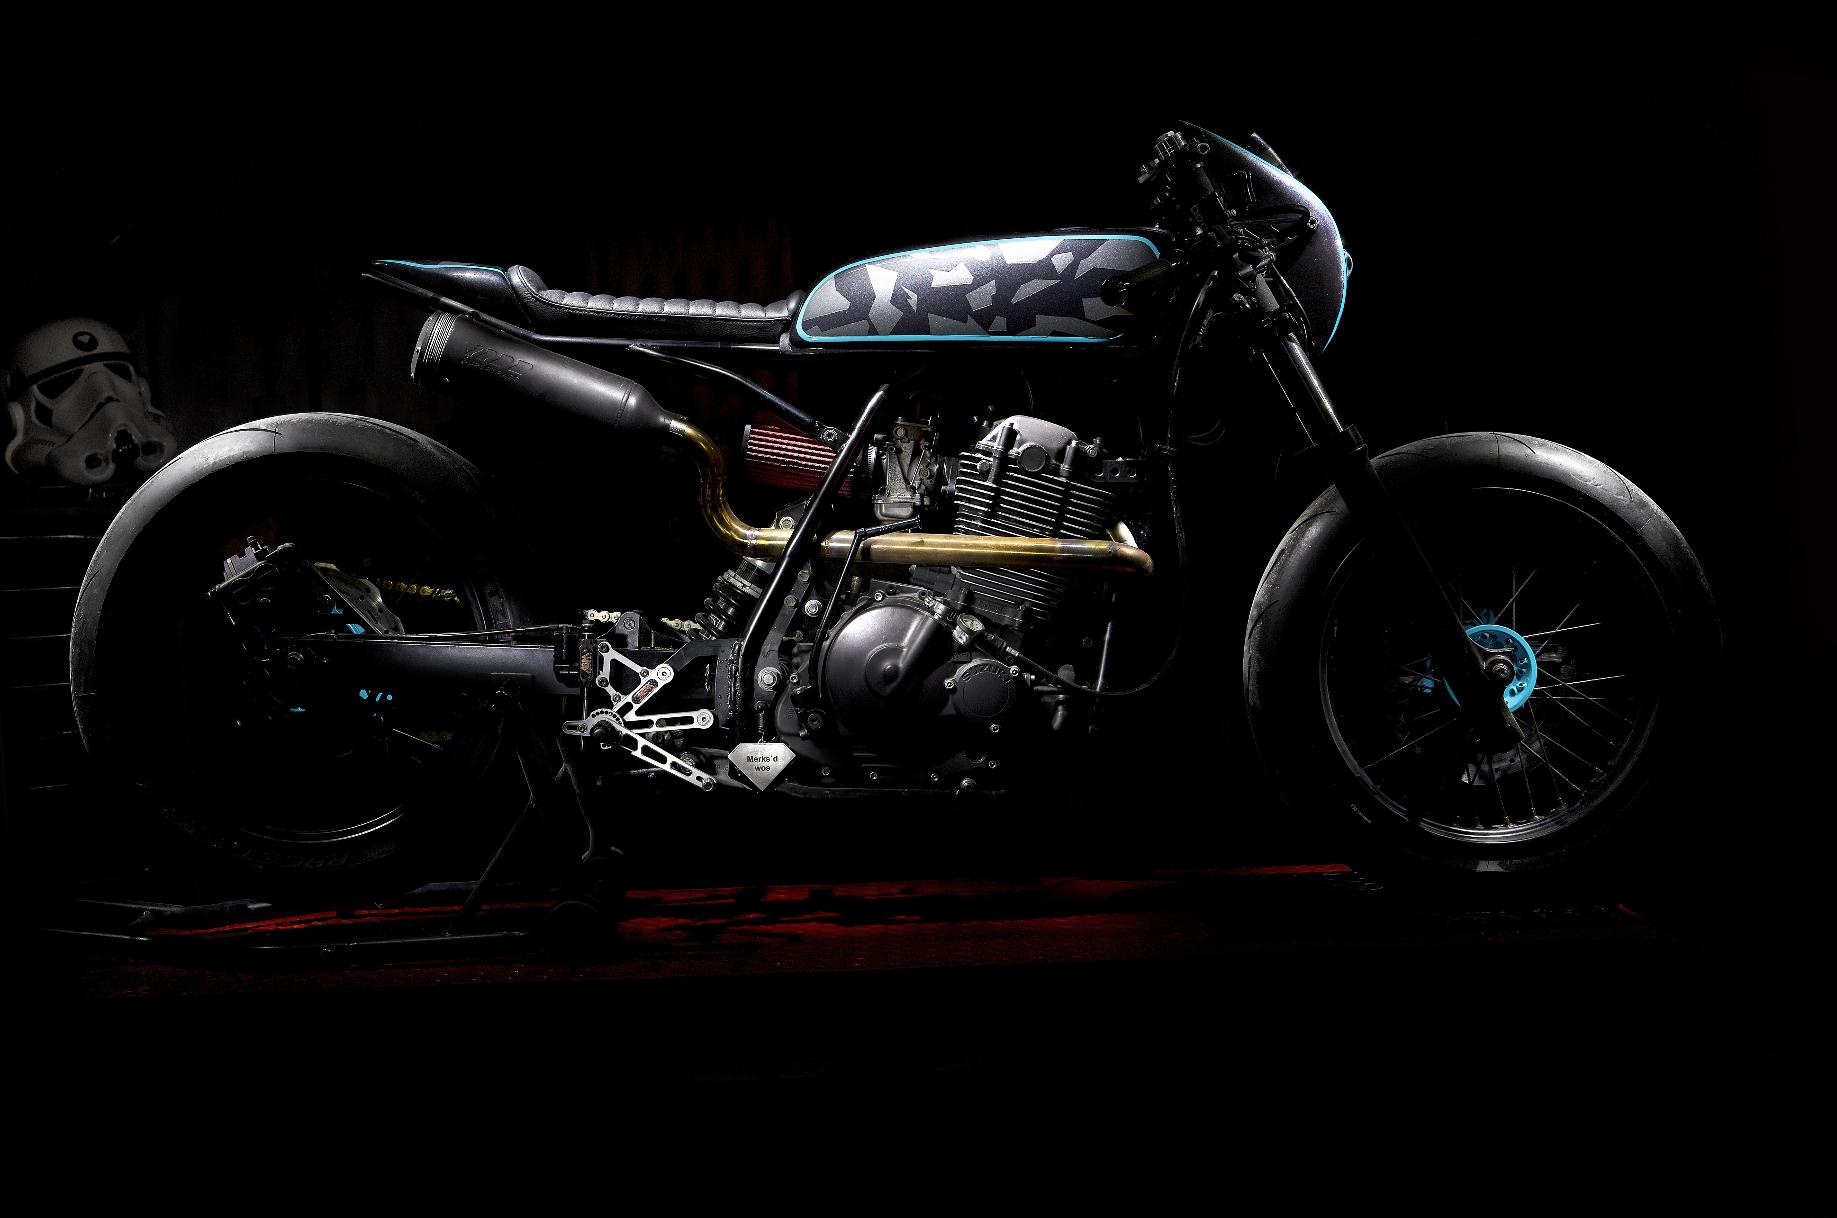 052 Motor Rausch